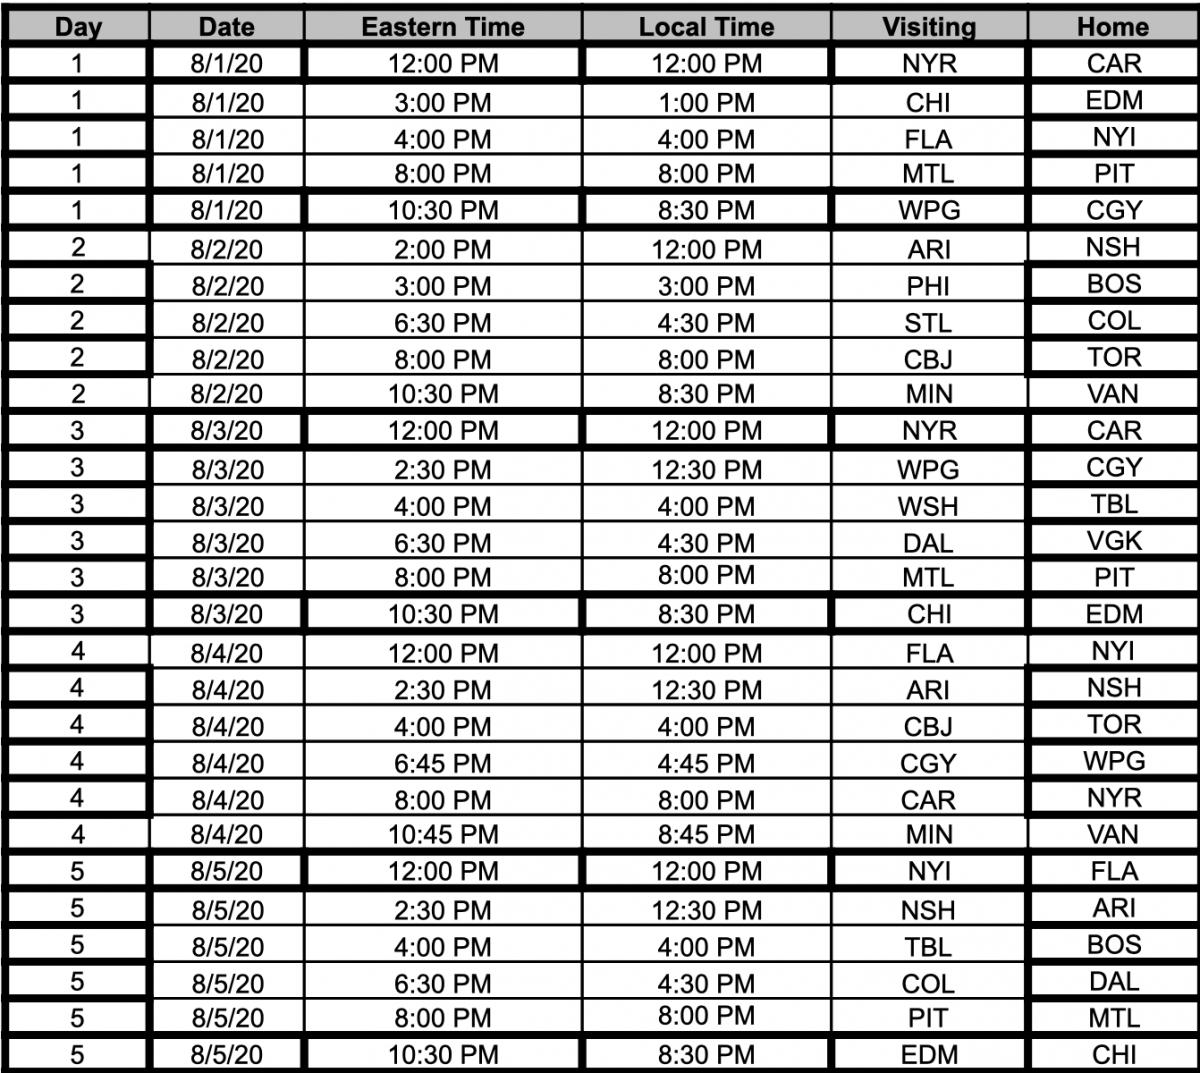 Days 1-5 Schedule